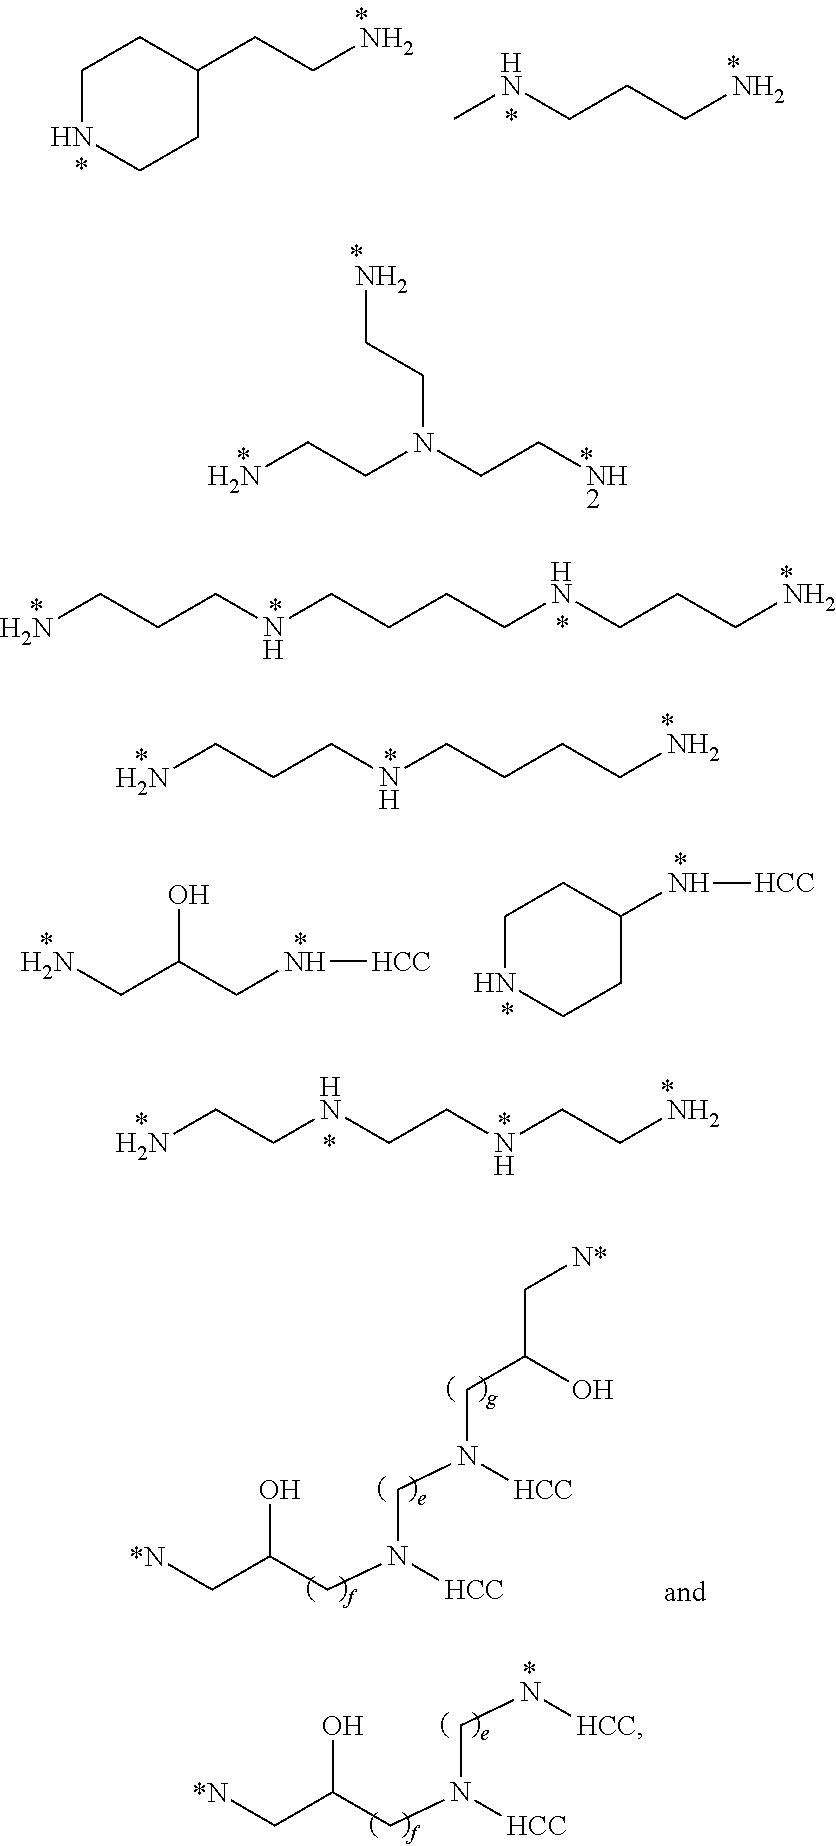 Figure US09901642-20180227-C00008